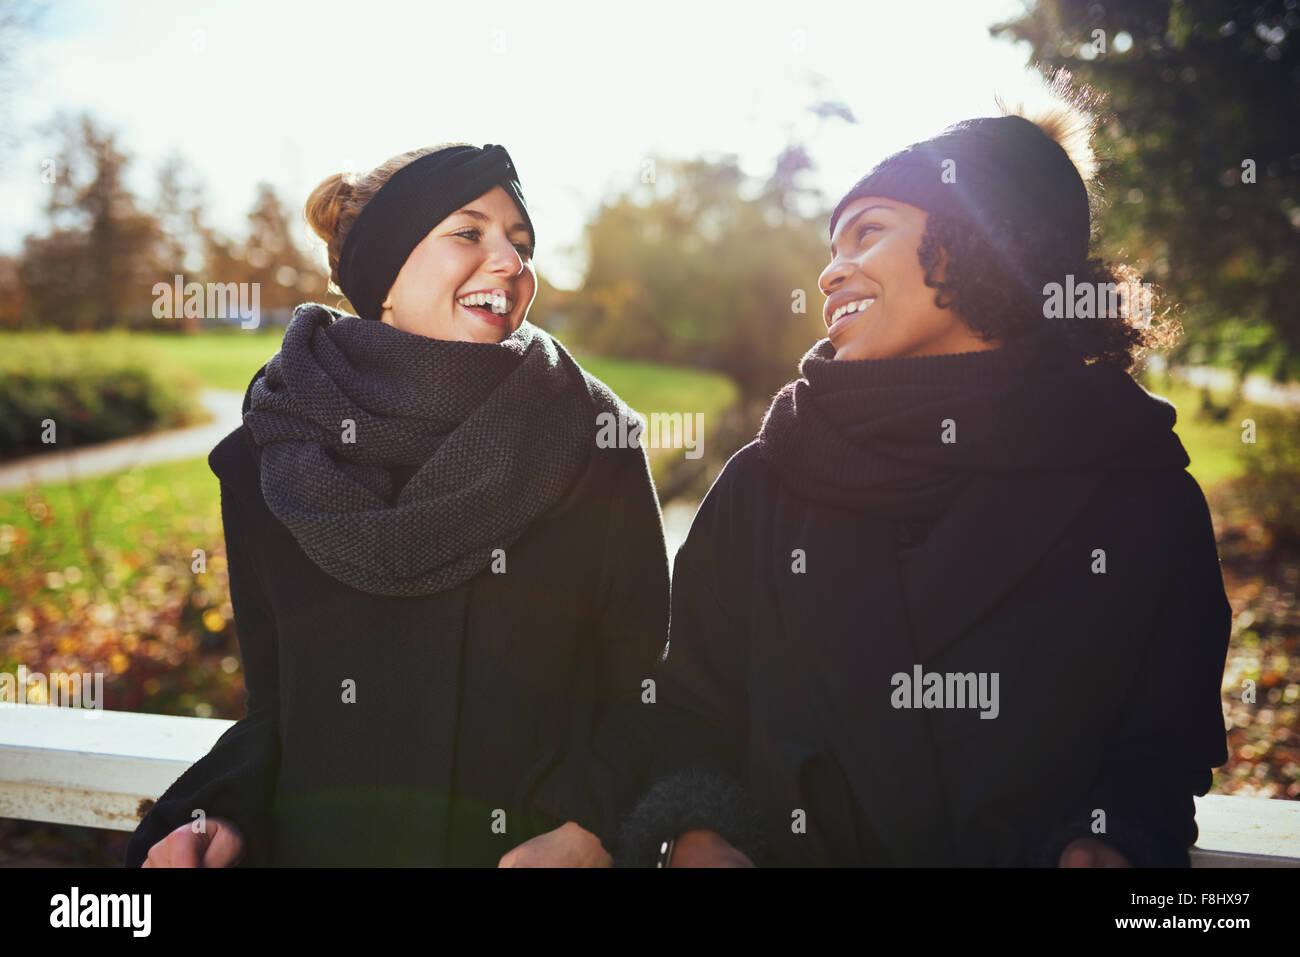 Zwei Frauen in warme Kleidung auf der Brücke im Park und an jedem anderen lächelnd Stockbild